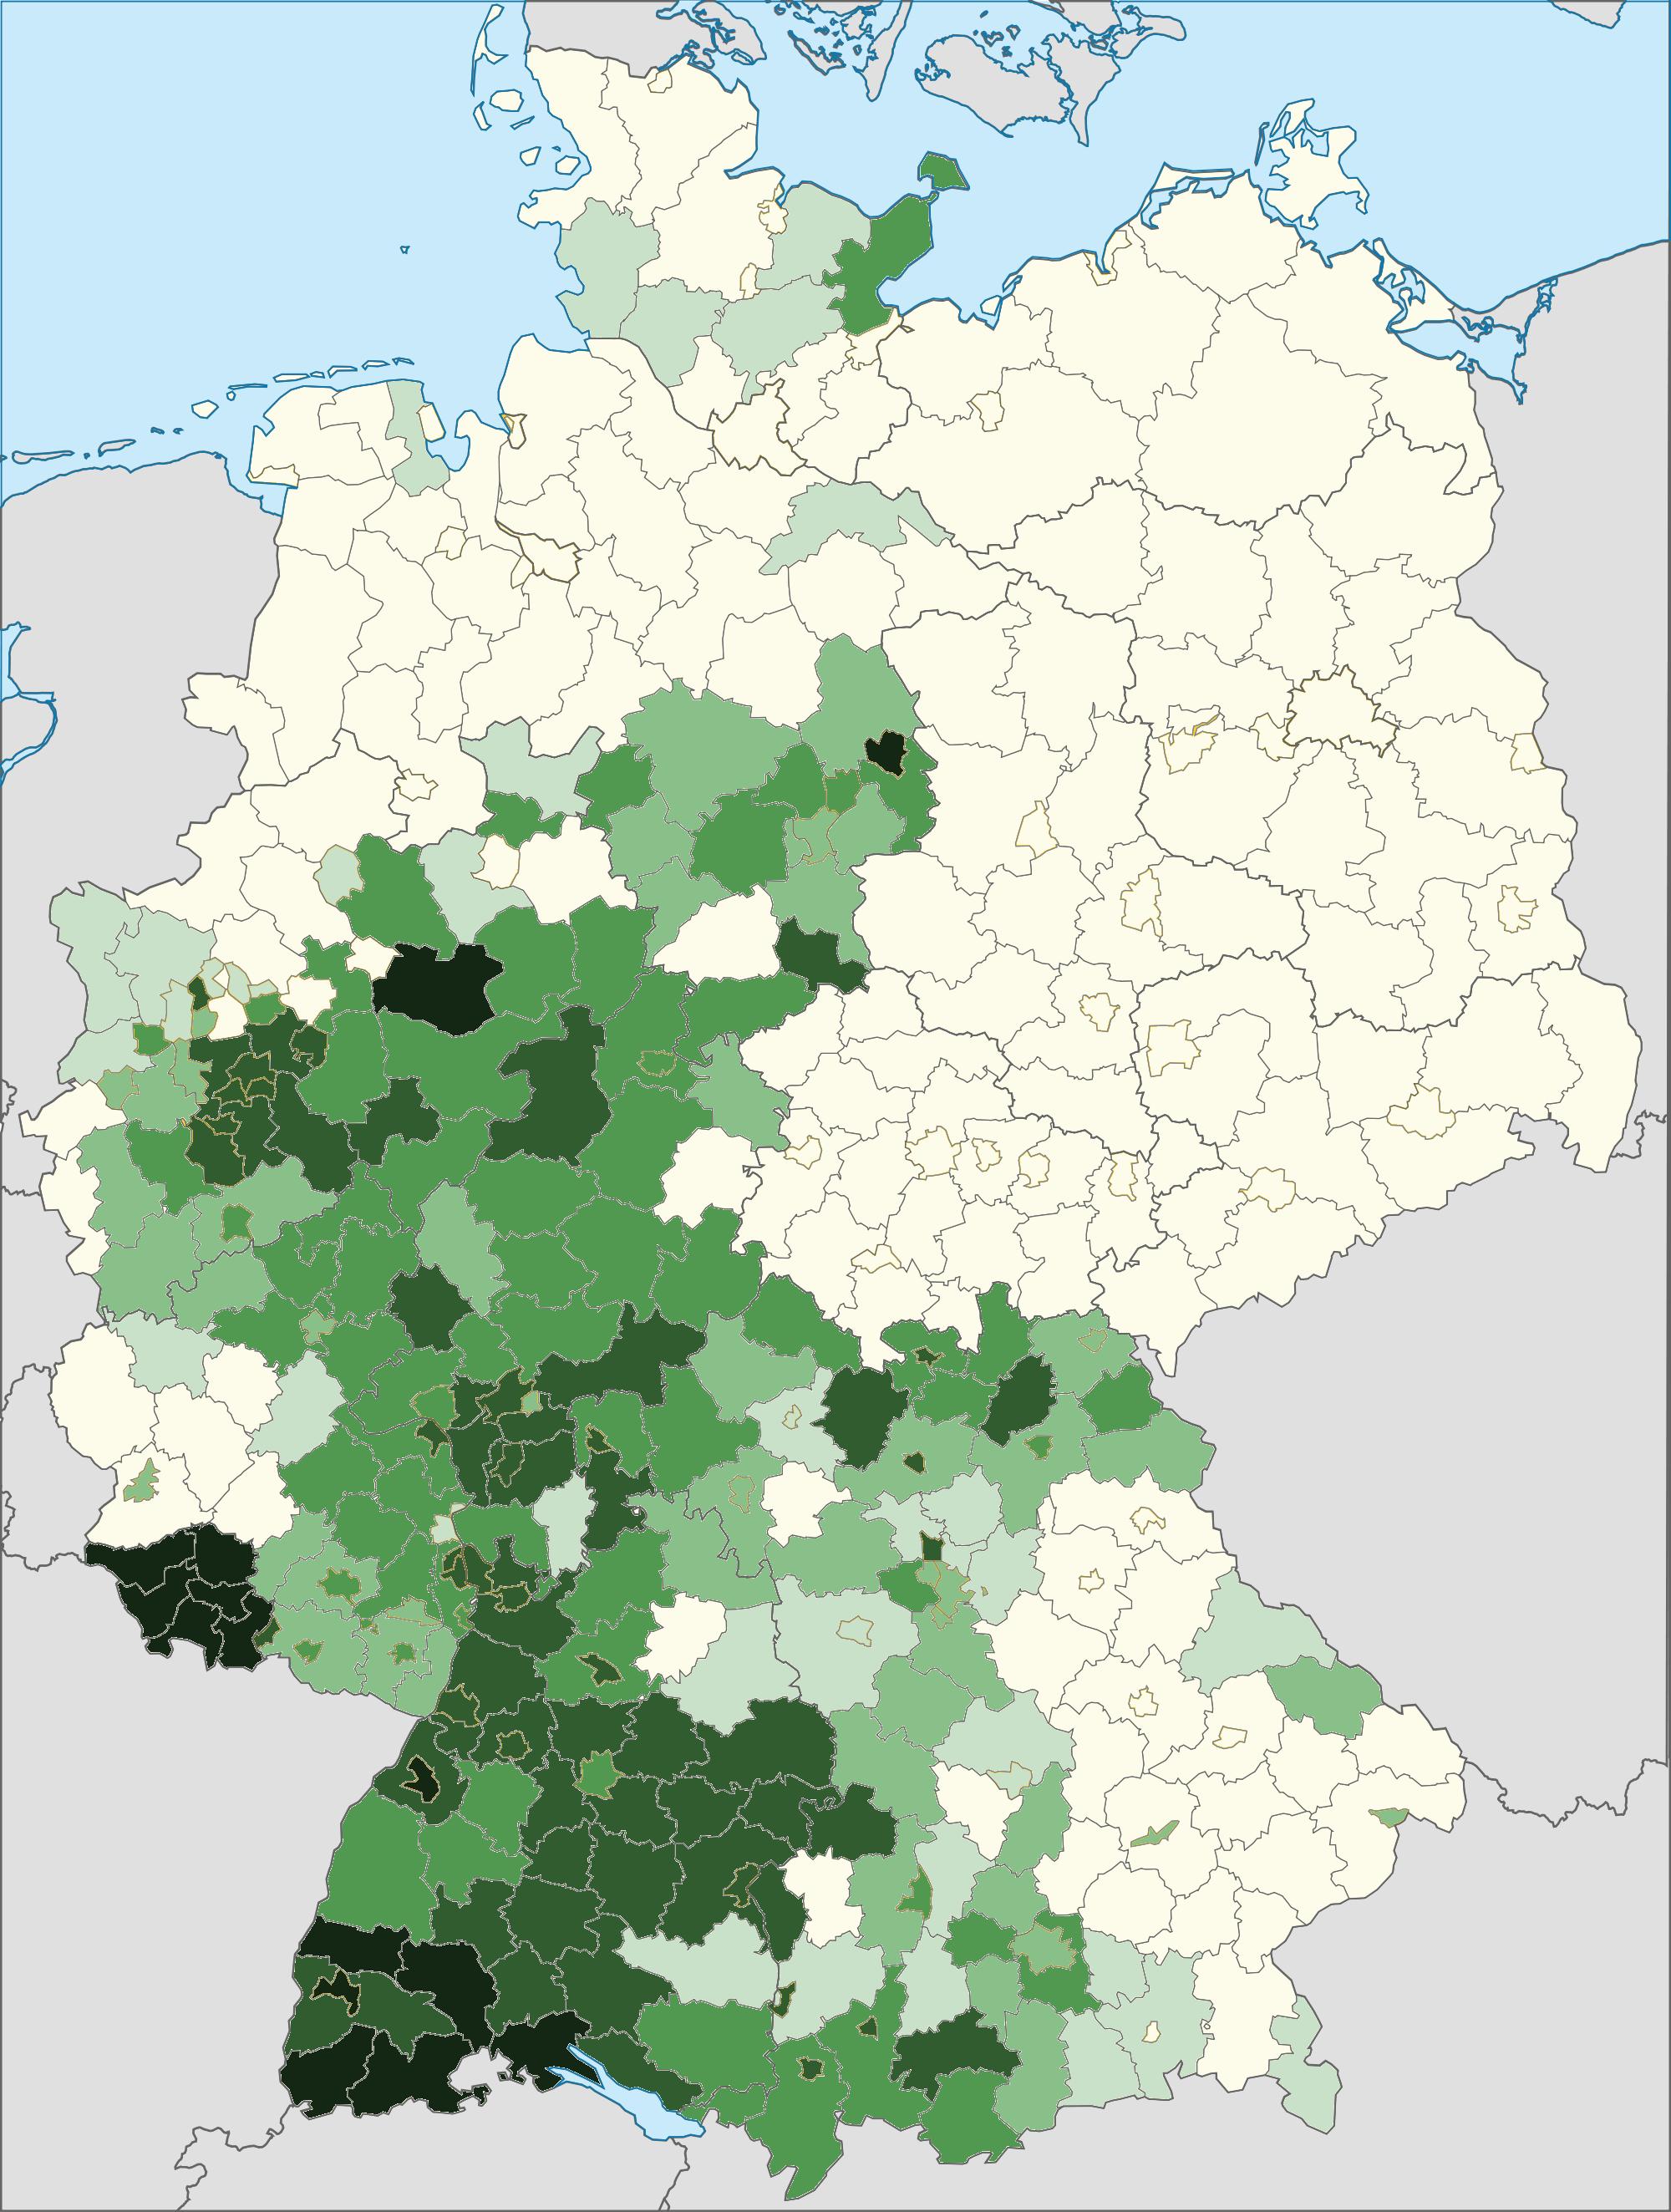 staatsangehrigkeit italien in deutschlandpng